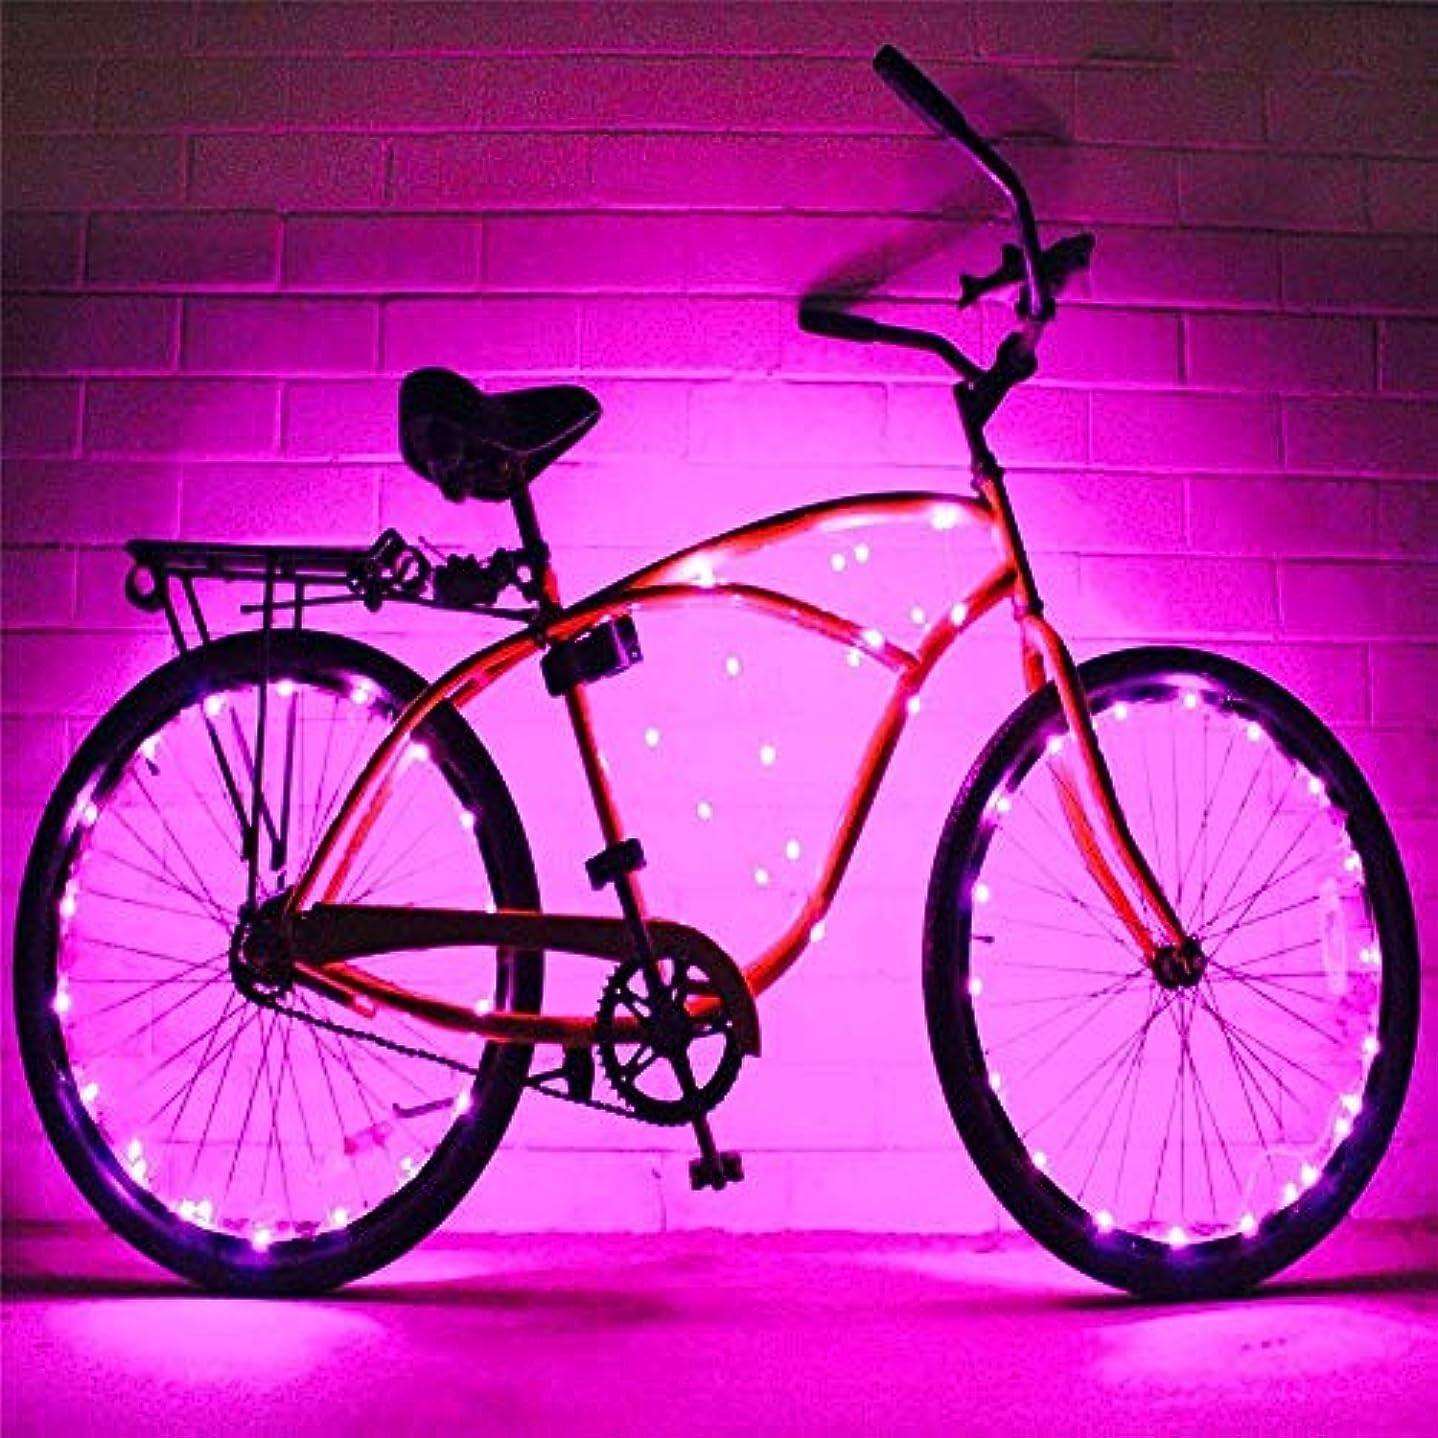 リンク中毒ポップUSB充電式自転車ライト 2セットの自転車ホイールライト文字列超明るいLED各種色自転車タイヤアクセサリー自転車リムライト自転車スポークライト超高輝度LED防水ホイールライトバイクライト (色 : 紫の, サイズ : 2 pcs)